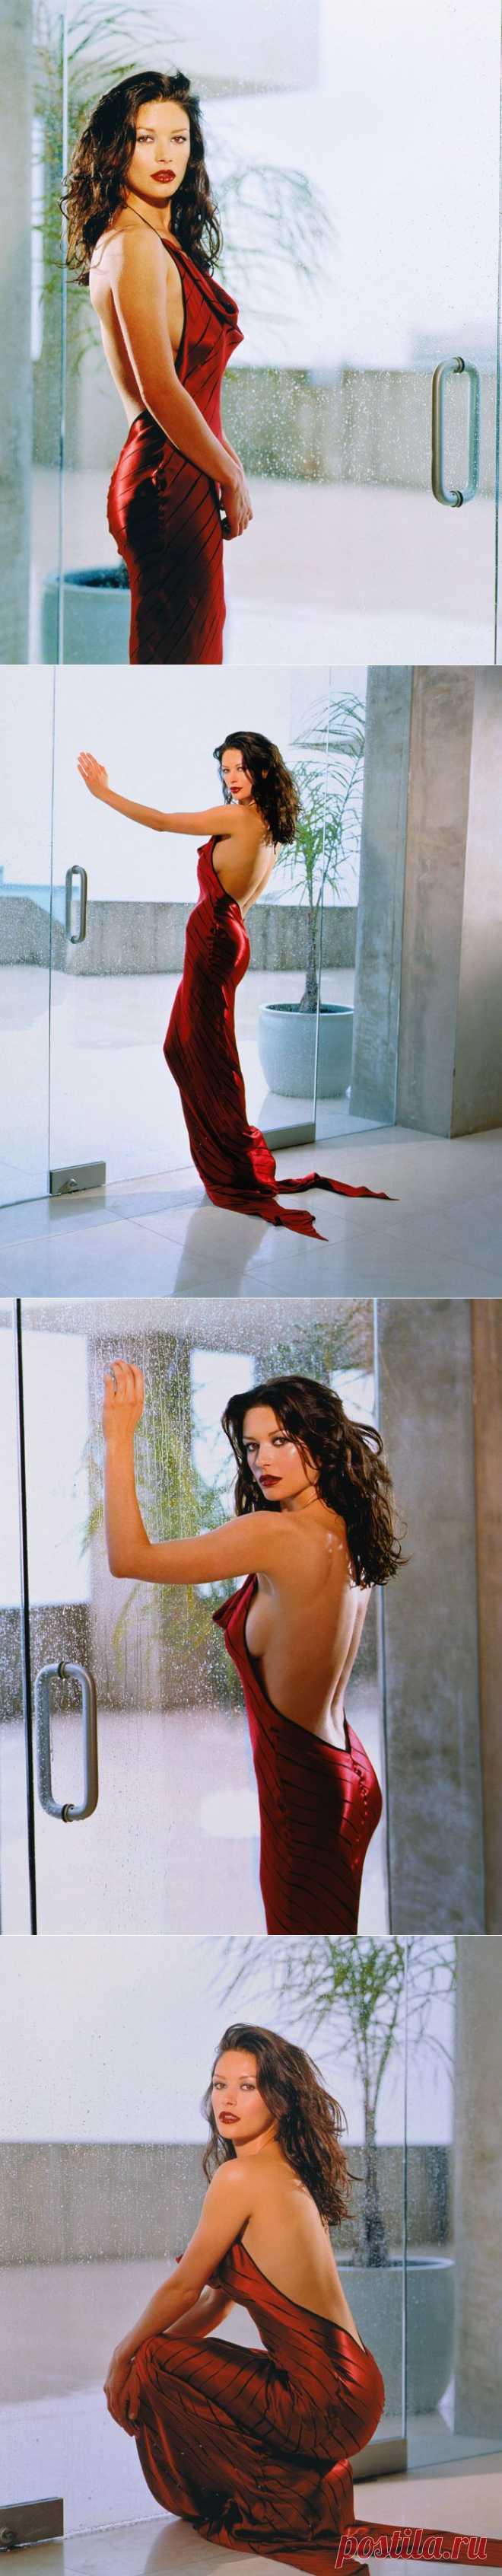 Кэтрин Зета-Джонс (Catherine Zeta-Jones) в фотосессии Ланса Стэдлера (Lance Staedler).